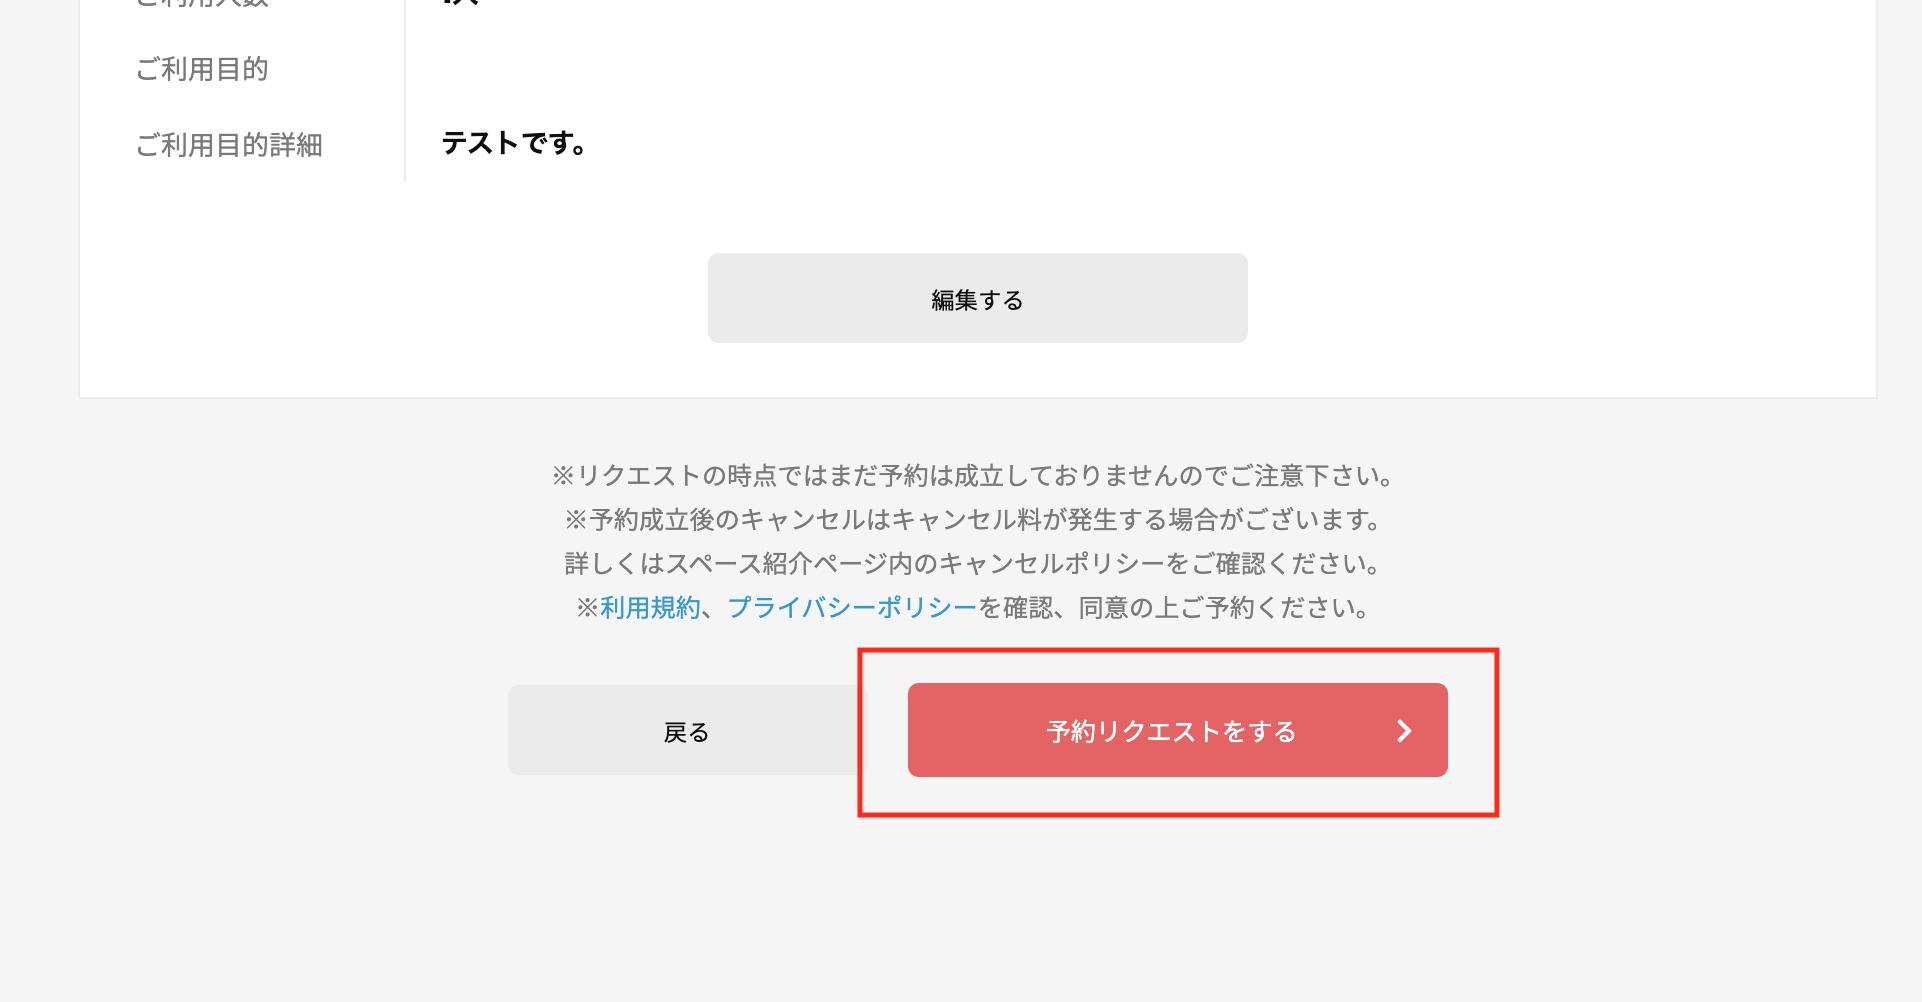 スクリーンショット 2021-09-14 13.24.40.png